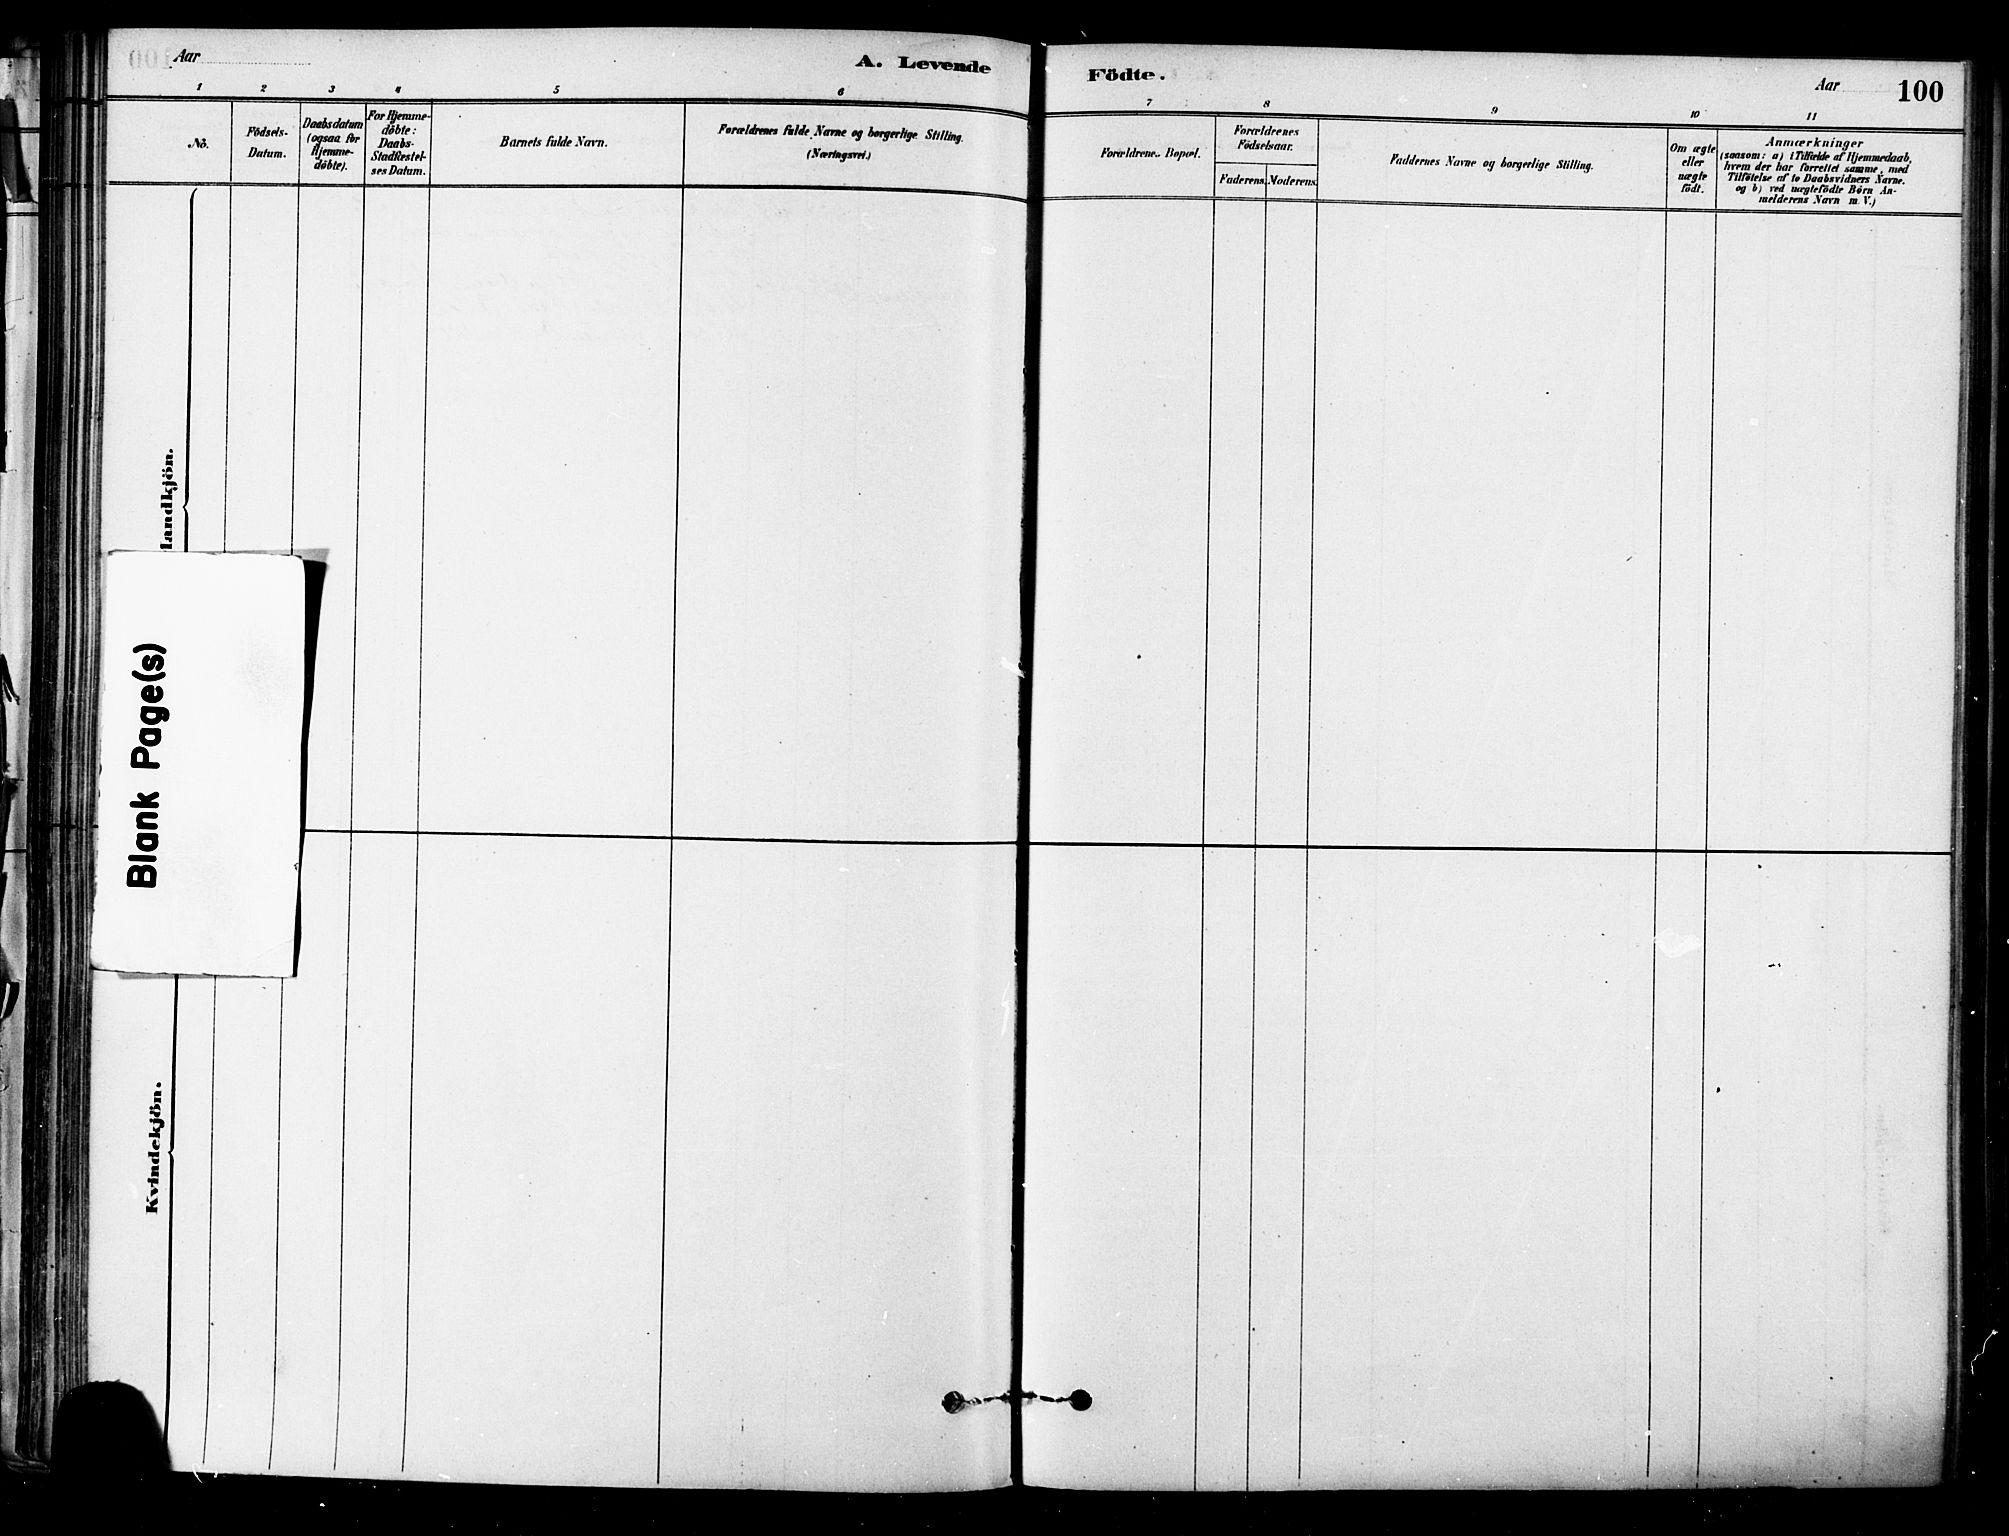 SAT, Ministerialprotokoller, klokkerbøker og fødselsregistre - Sør-Trøndelag, 657/L0707: Ministerialbok nr. 657A08, 1879-1893, s. 100